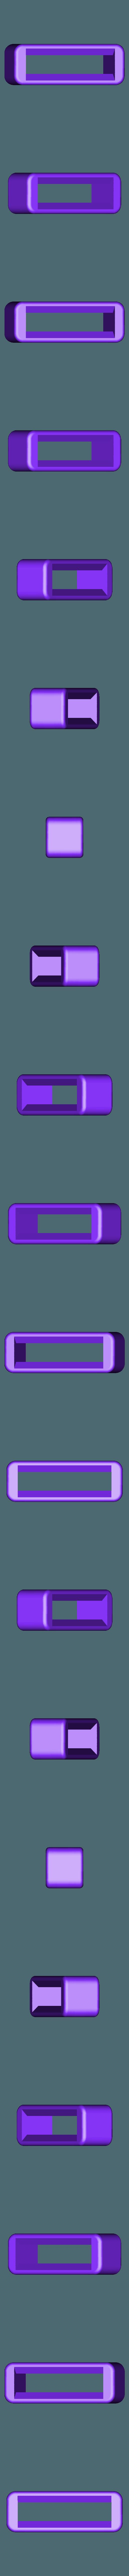 loop.stl Download free STL file Self-locking buckle and loop • 3D printing object, WaterLemon